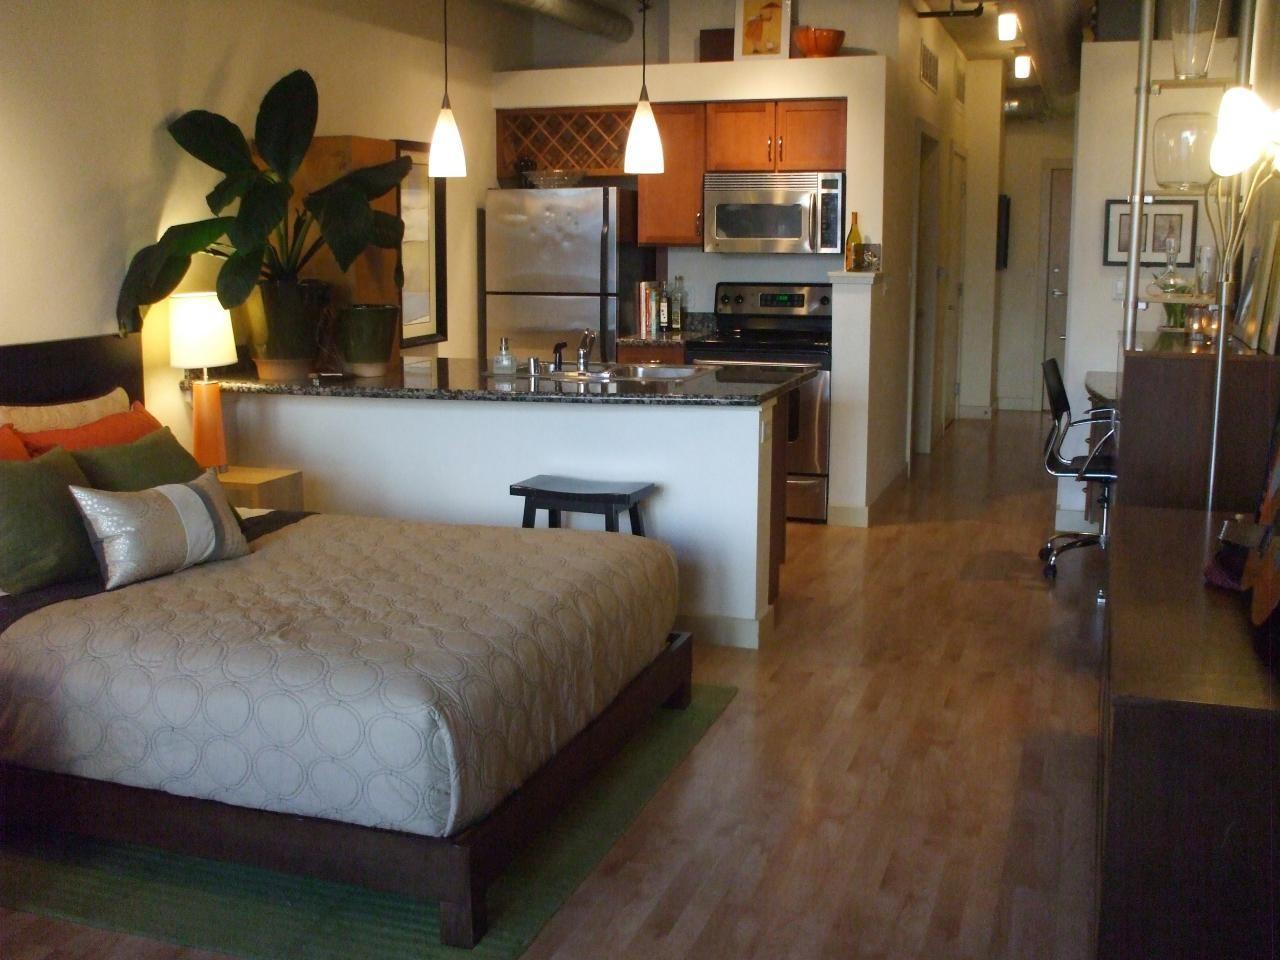 Studio Apartment Interior Design Ideas Part - 31: Studio Design Ideas | Interior Design Styles And Color Schemes For Home  Decorating | HGTV